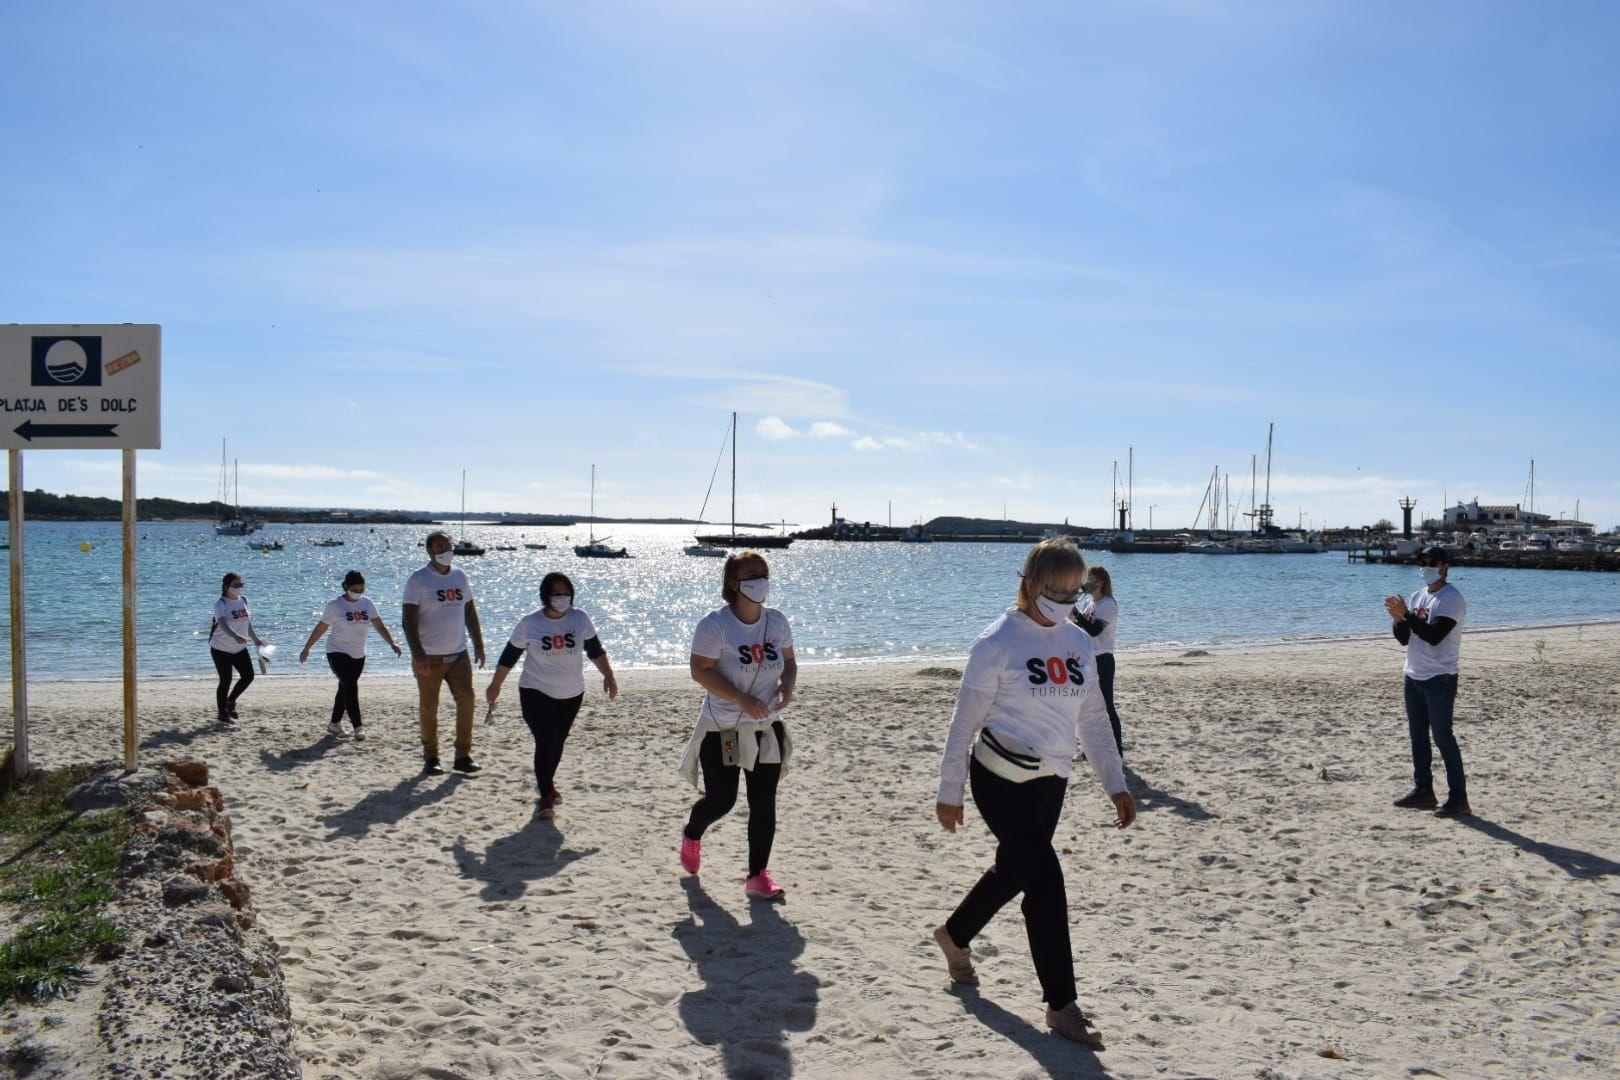 Marcha reivindicativa en la Colònia de Sant Jordi exigiendo un plan de rescate para el sector turístico